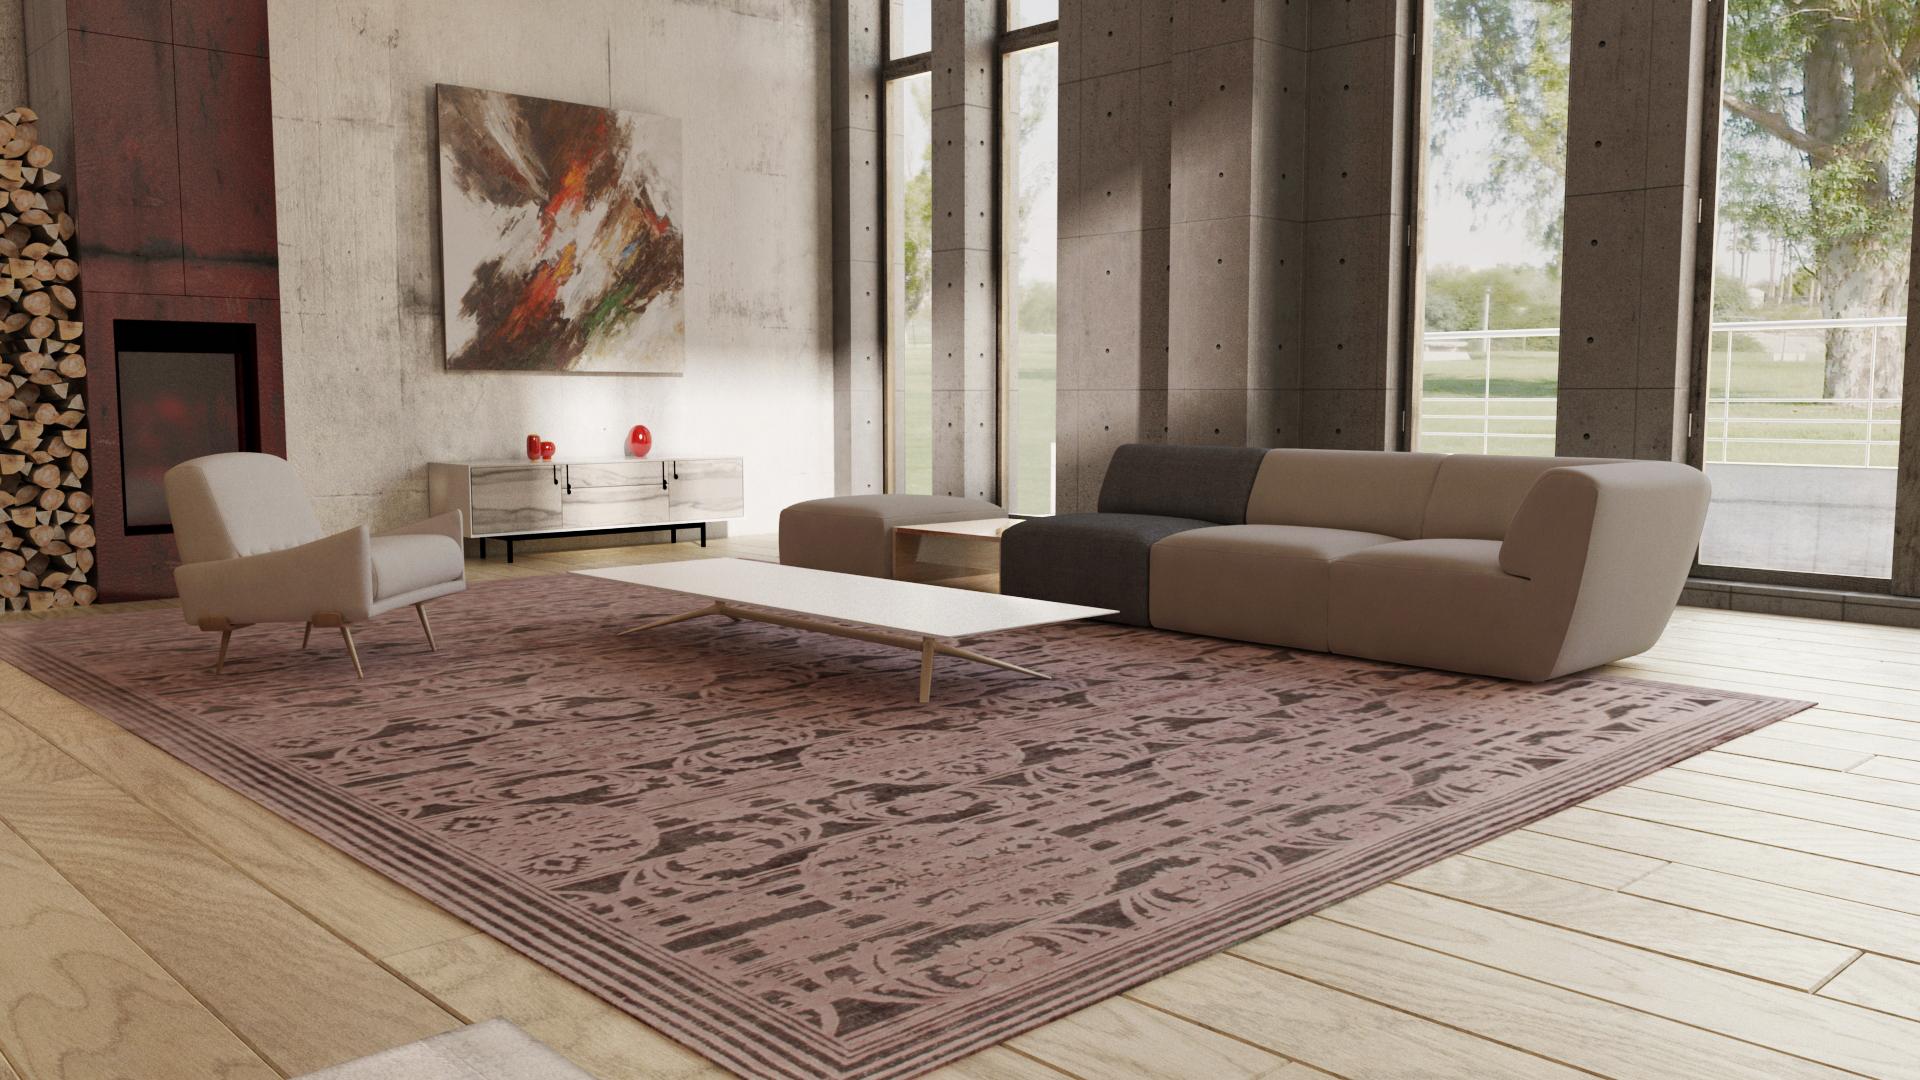 Interior Design Hz2875678 By Doris Leslie Blau